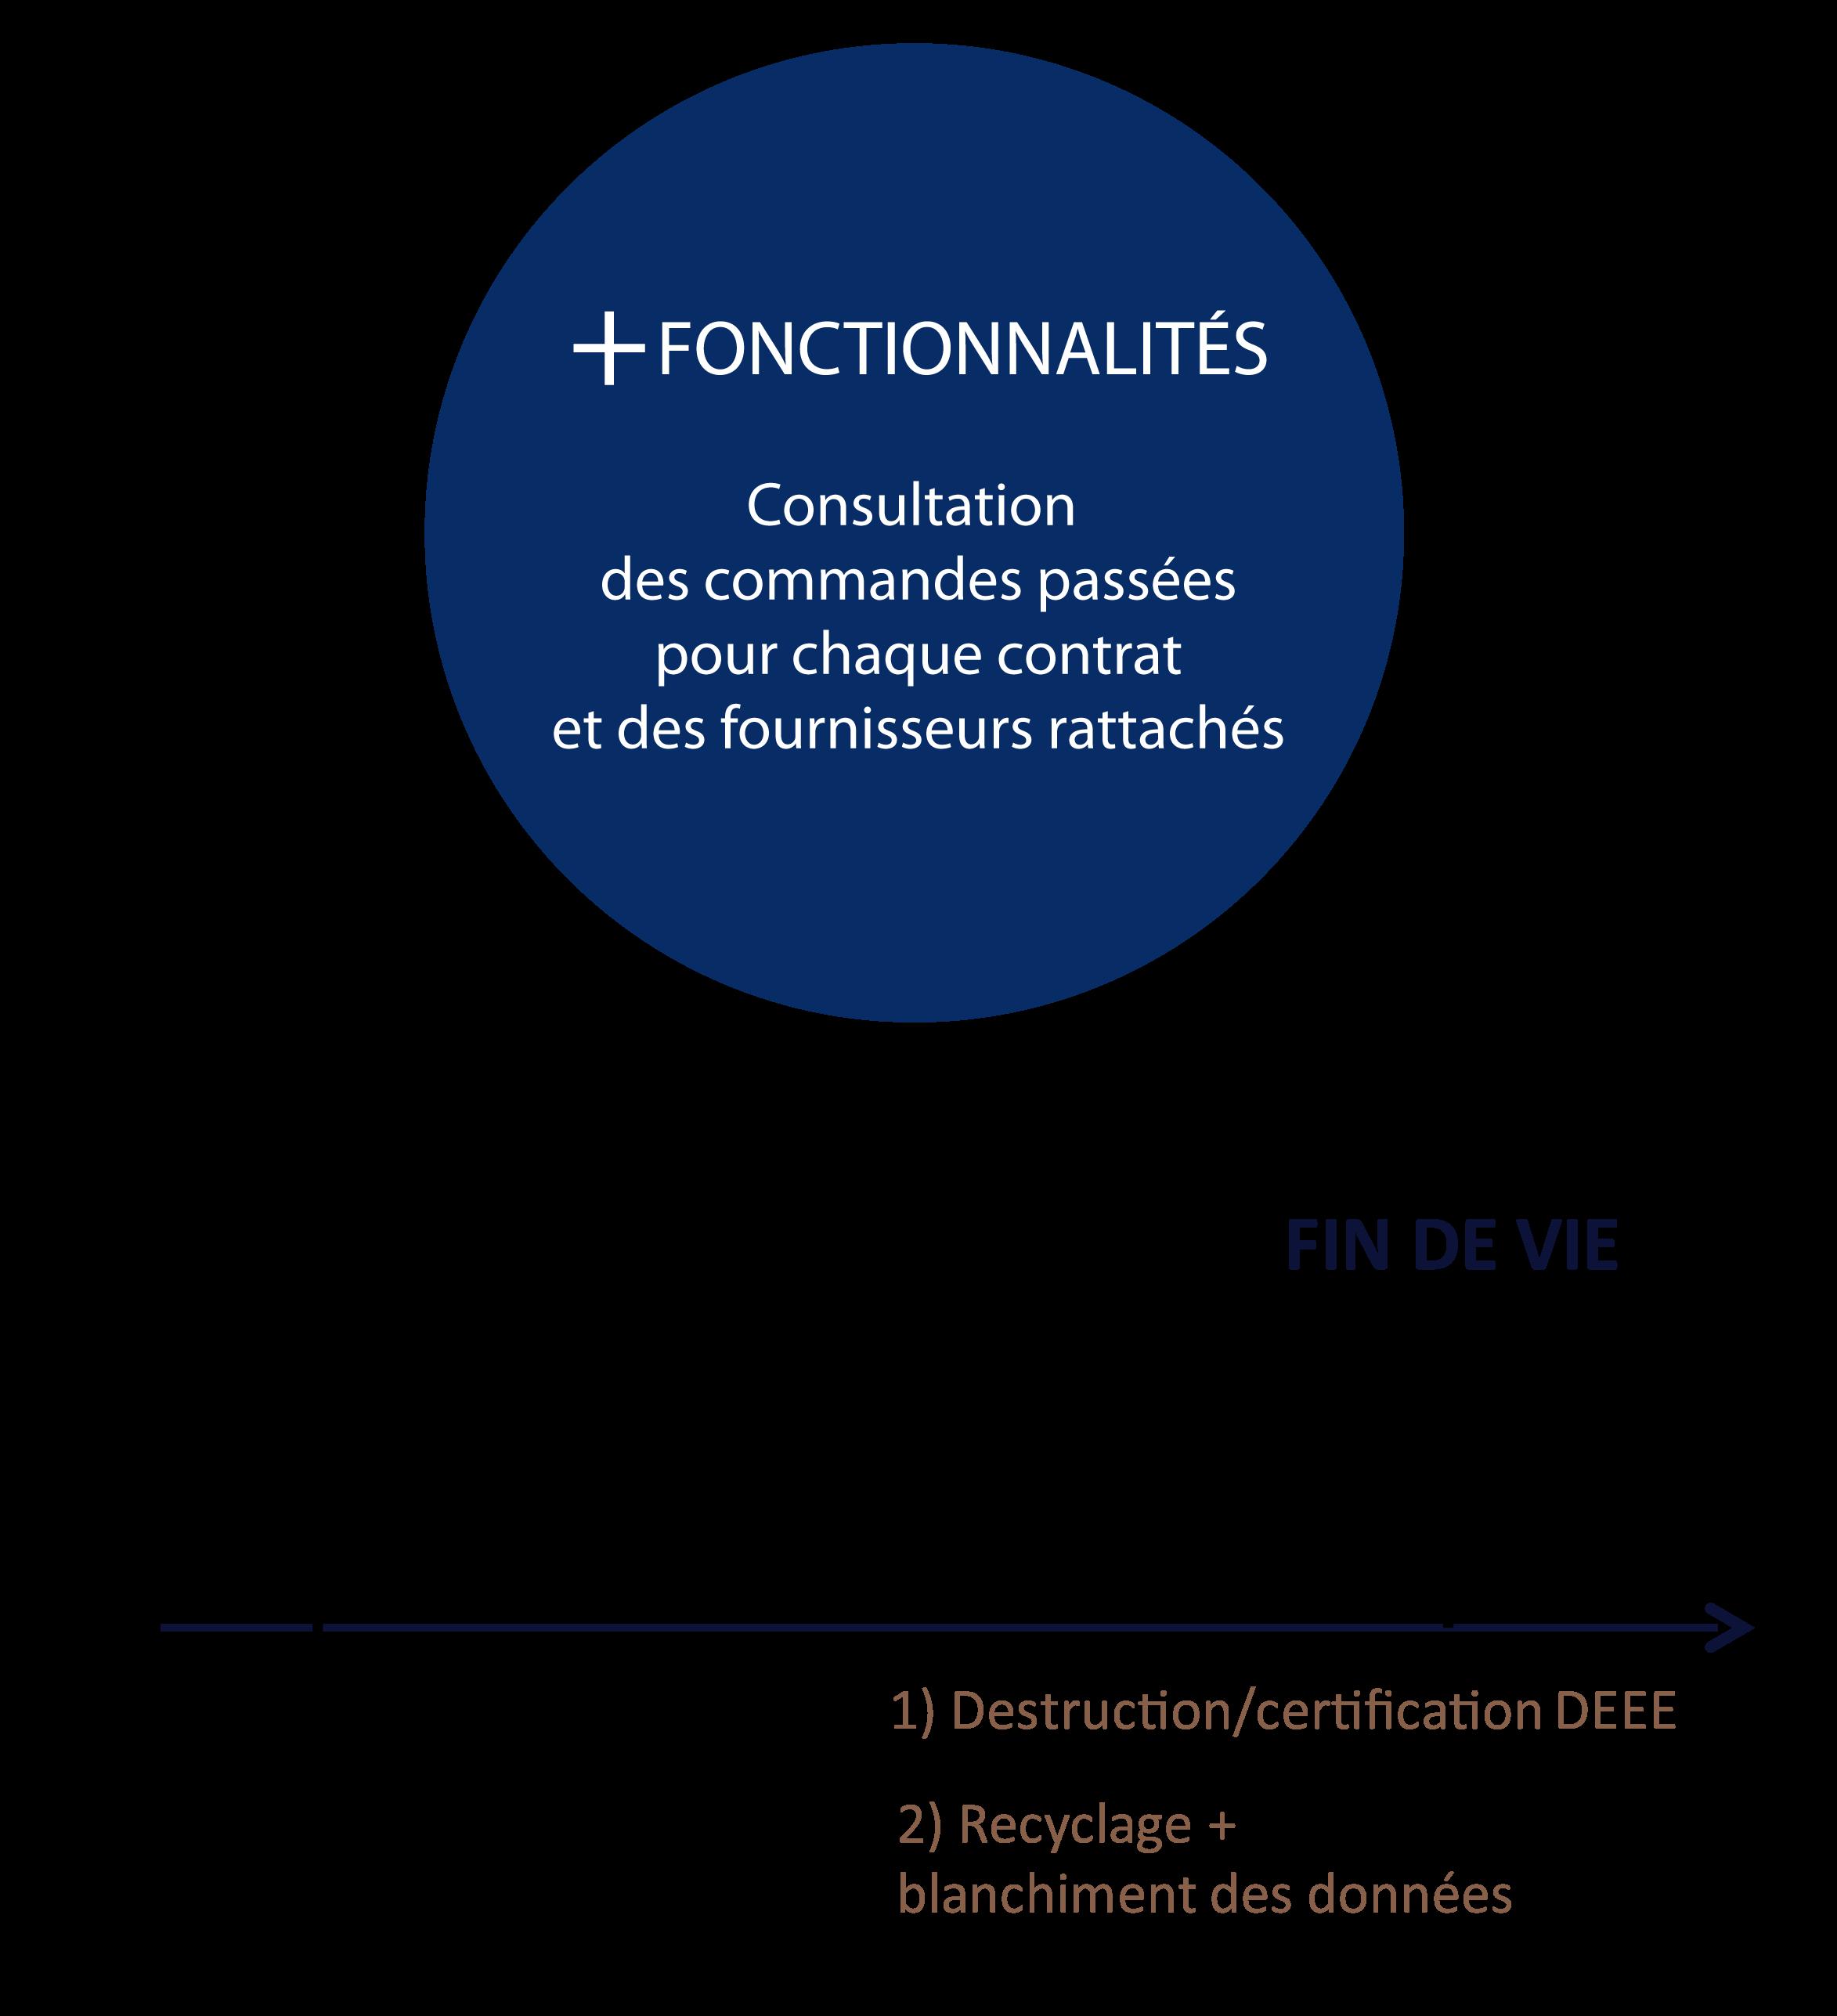 Plus de fonctionnalités : consultation des commandes passées pour chaque contrat et des fournisseurs rattachés. Gestion et assurance par Axialease de la livraison à la fin de vie du matériel.